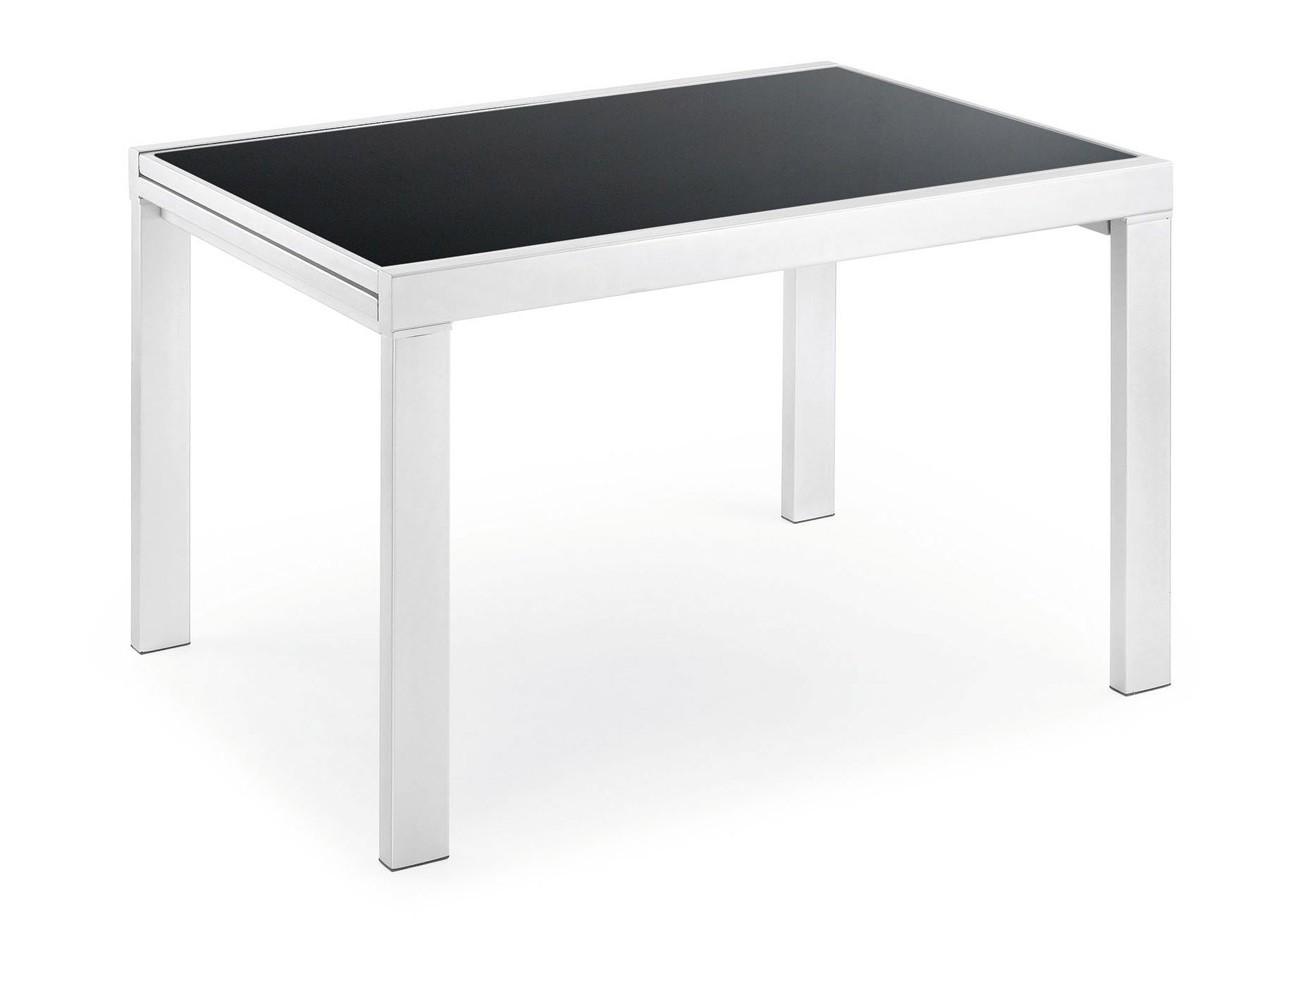 Estructura blanca y cristal negro de 120-240 x 90 cm.